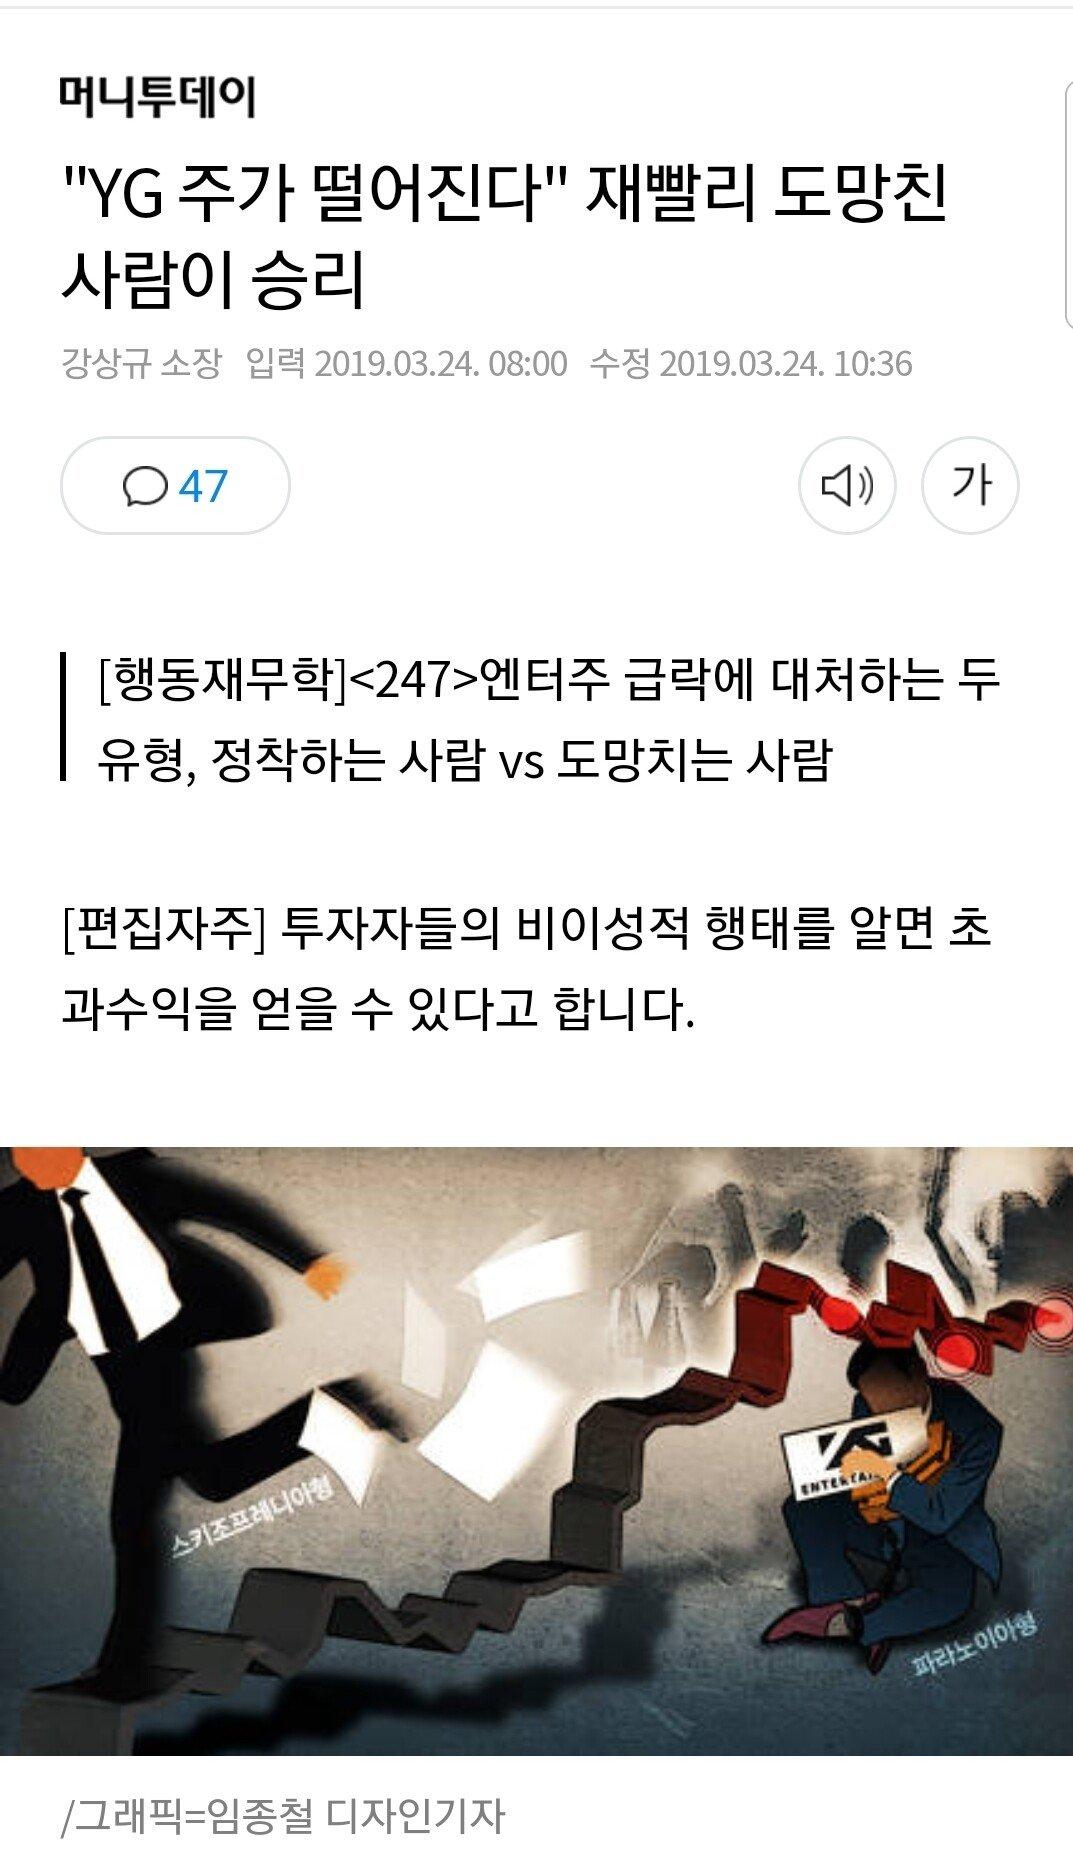 Screenshot_20190324-113933_Samsung Internet.jpg 경제 연구소장이 치는 버닝썬 드립 jpg